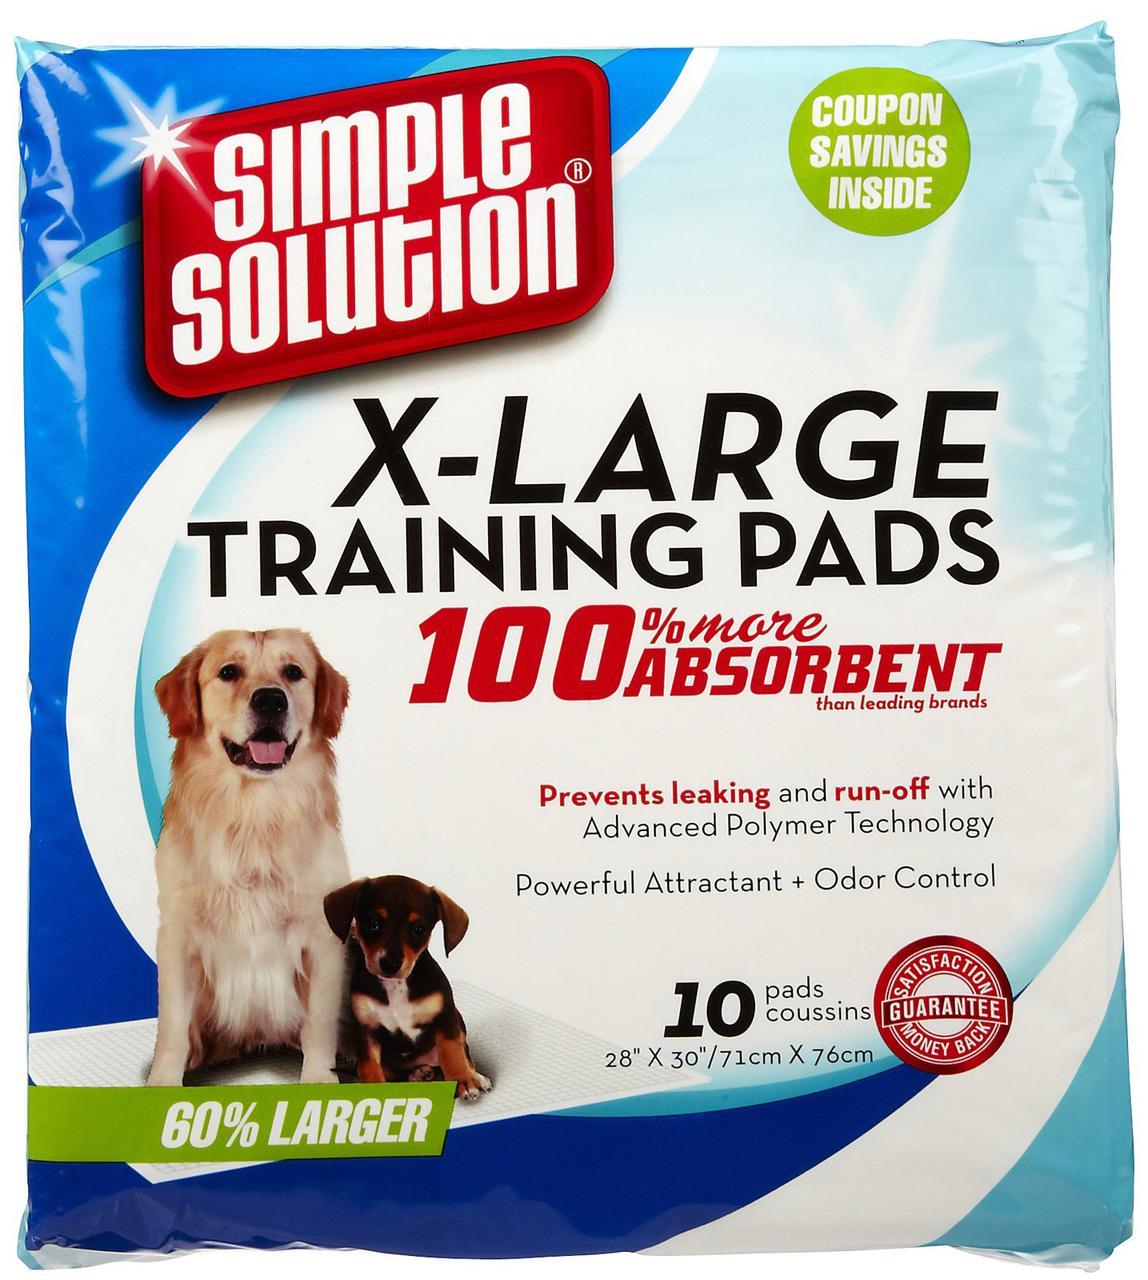 Simple Solution Training Extra Large Pads, 71x76 см - гигиенические пеленки для собак и щенков